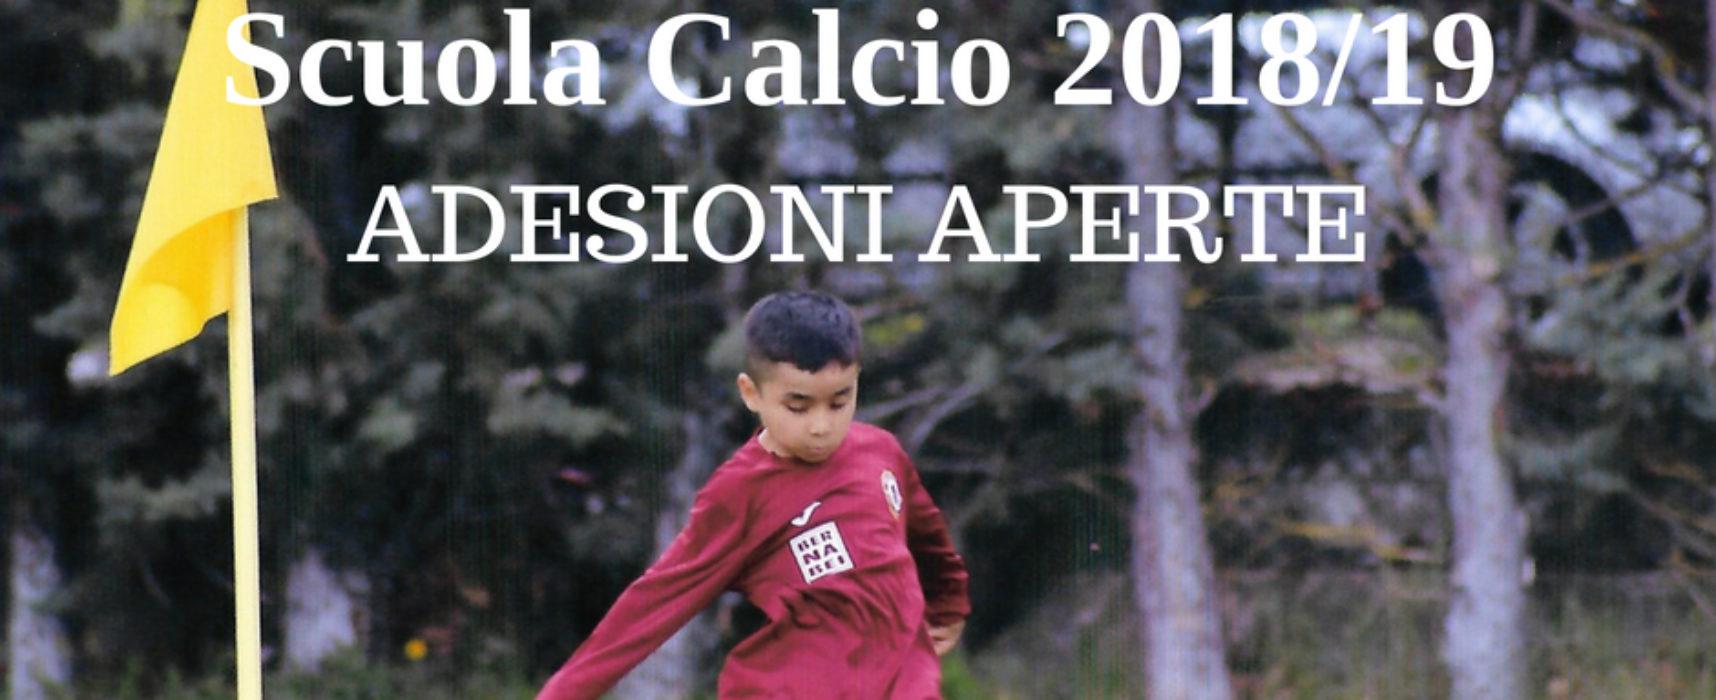 Scuola calcio 2018-2019, via alle adesioni!